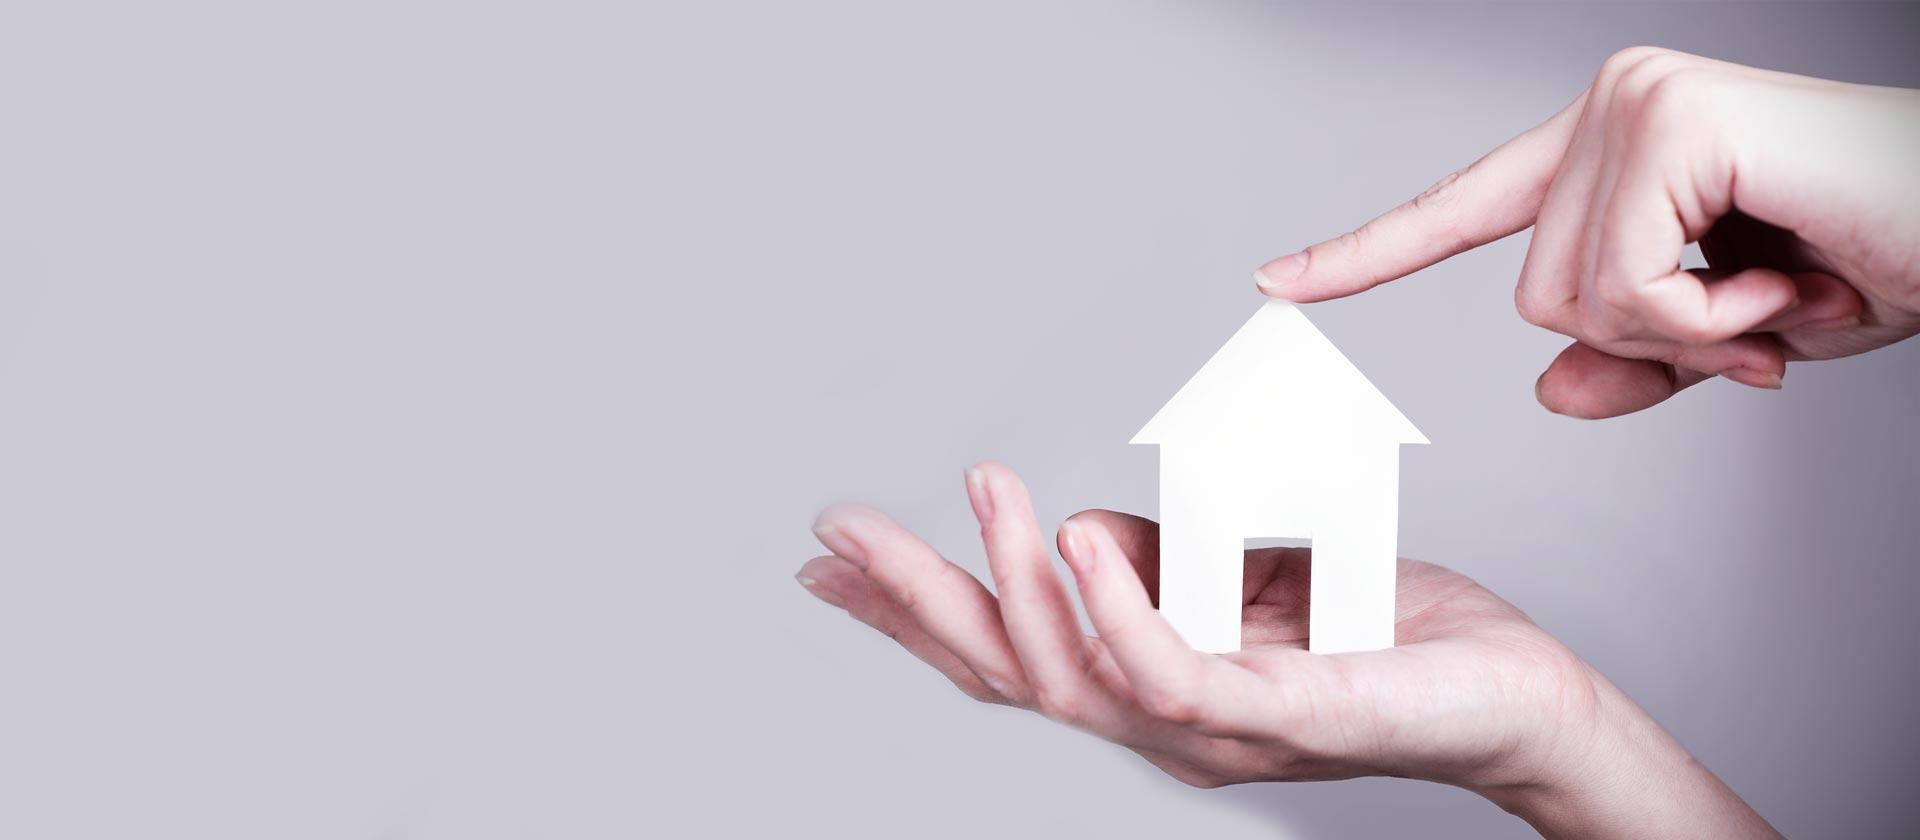 Кабмин утвердил механизм льготных кредитов на жилье для переселенцев под 3%